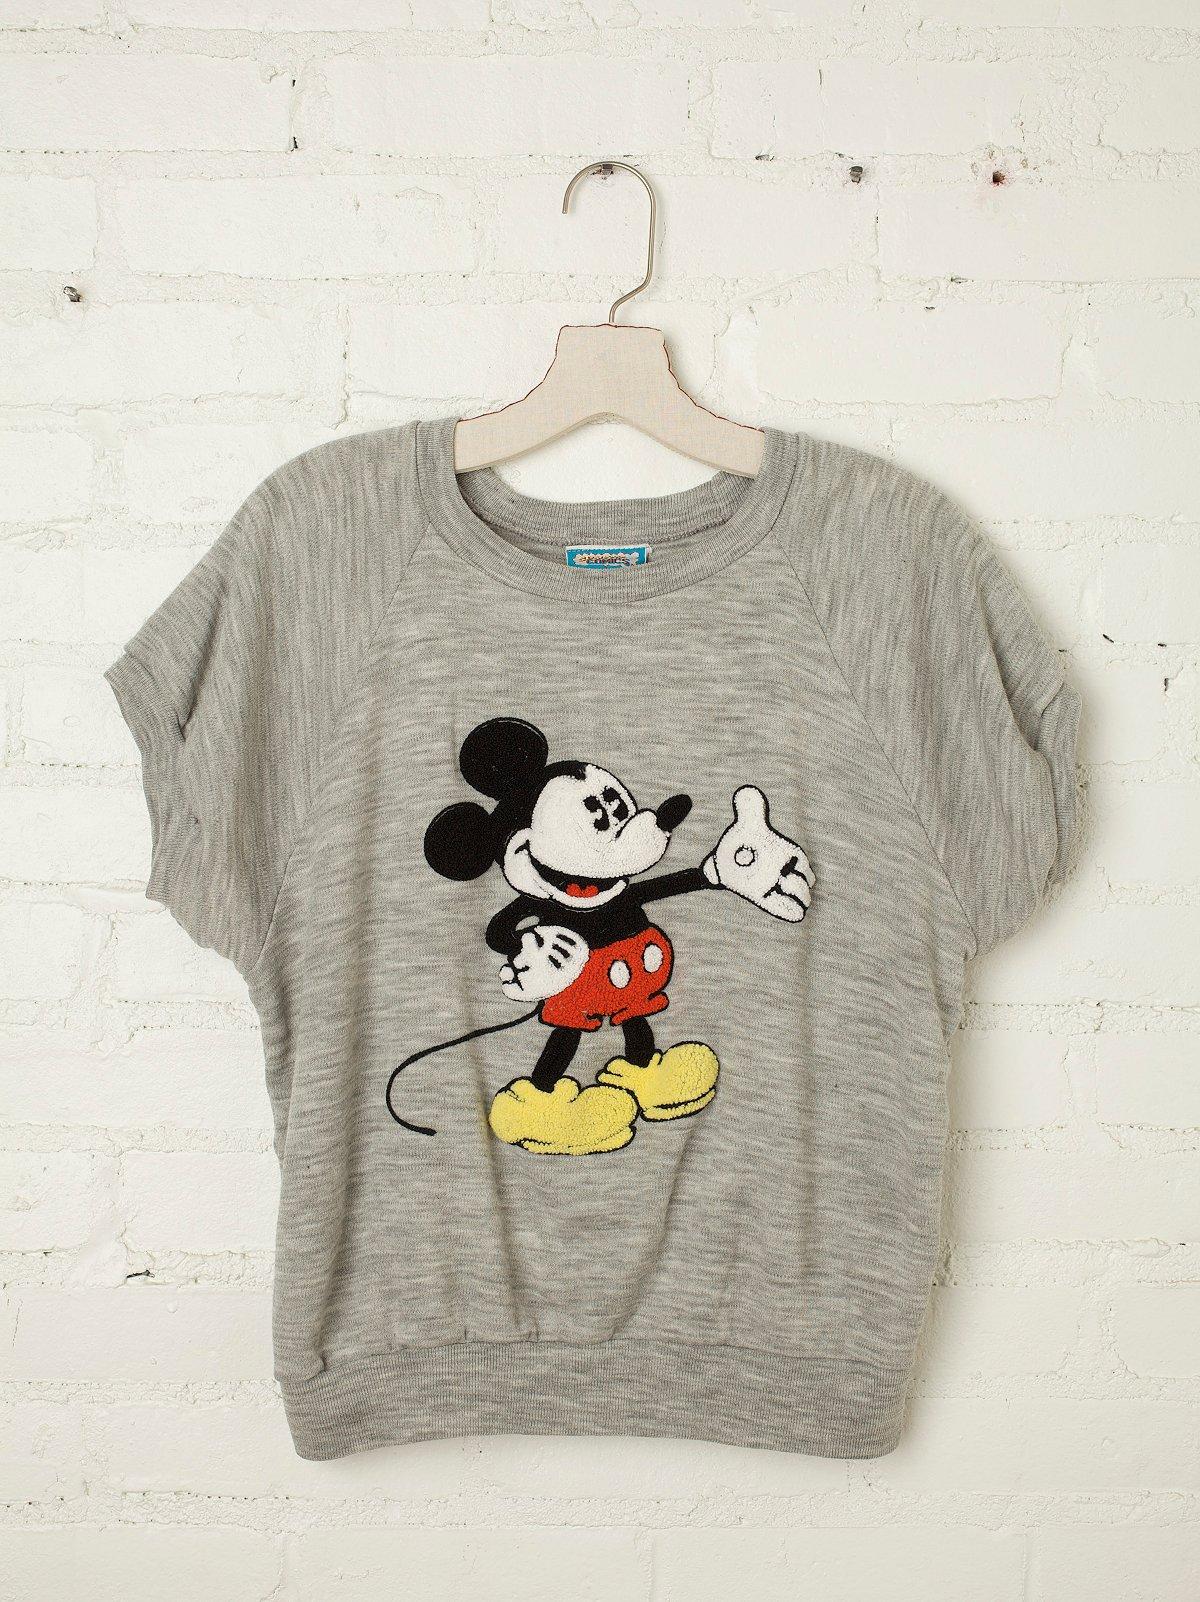 Vintage Mickey Mouse Sweatshirt Tee